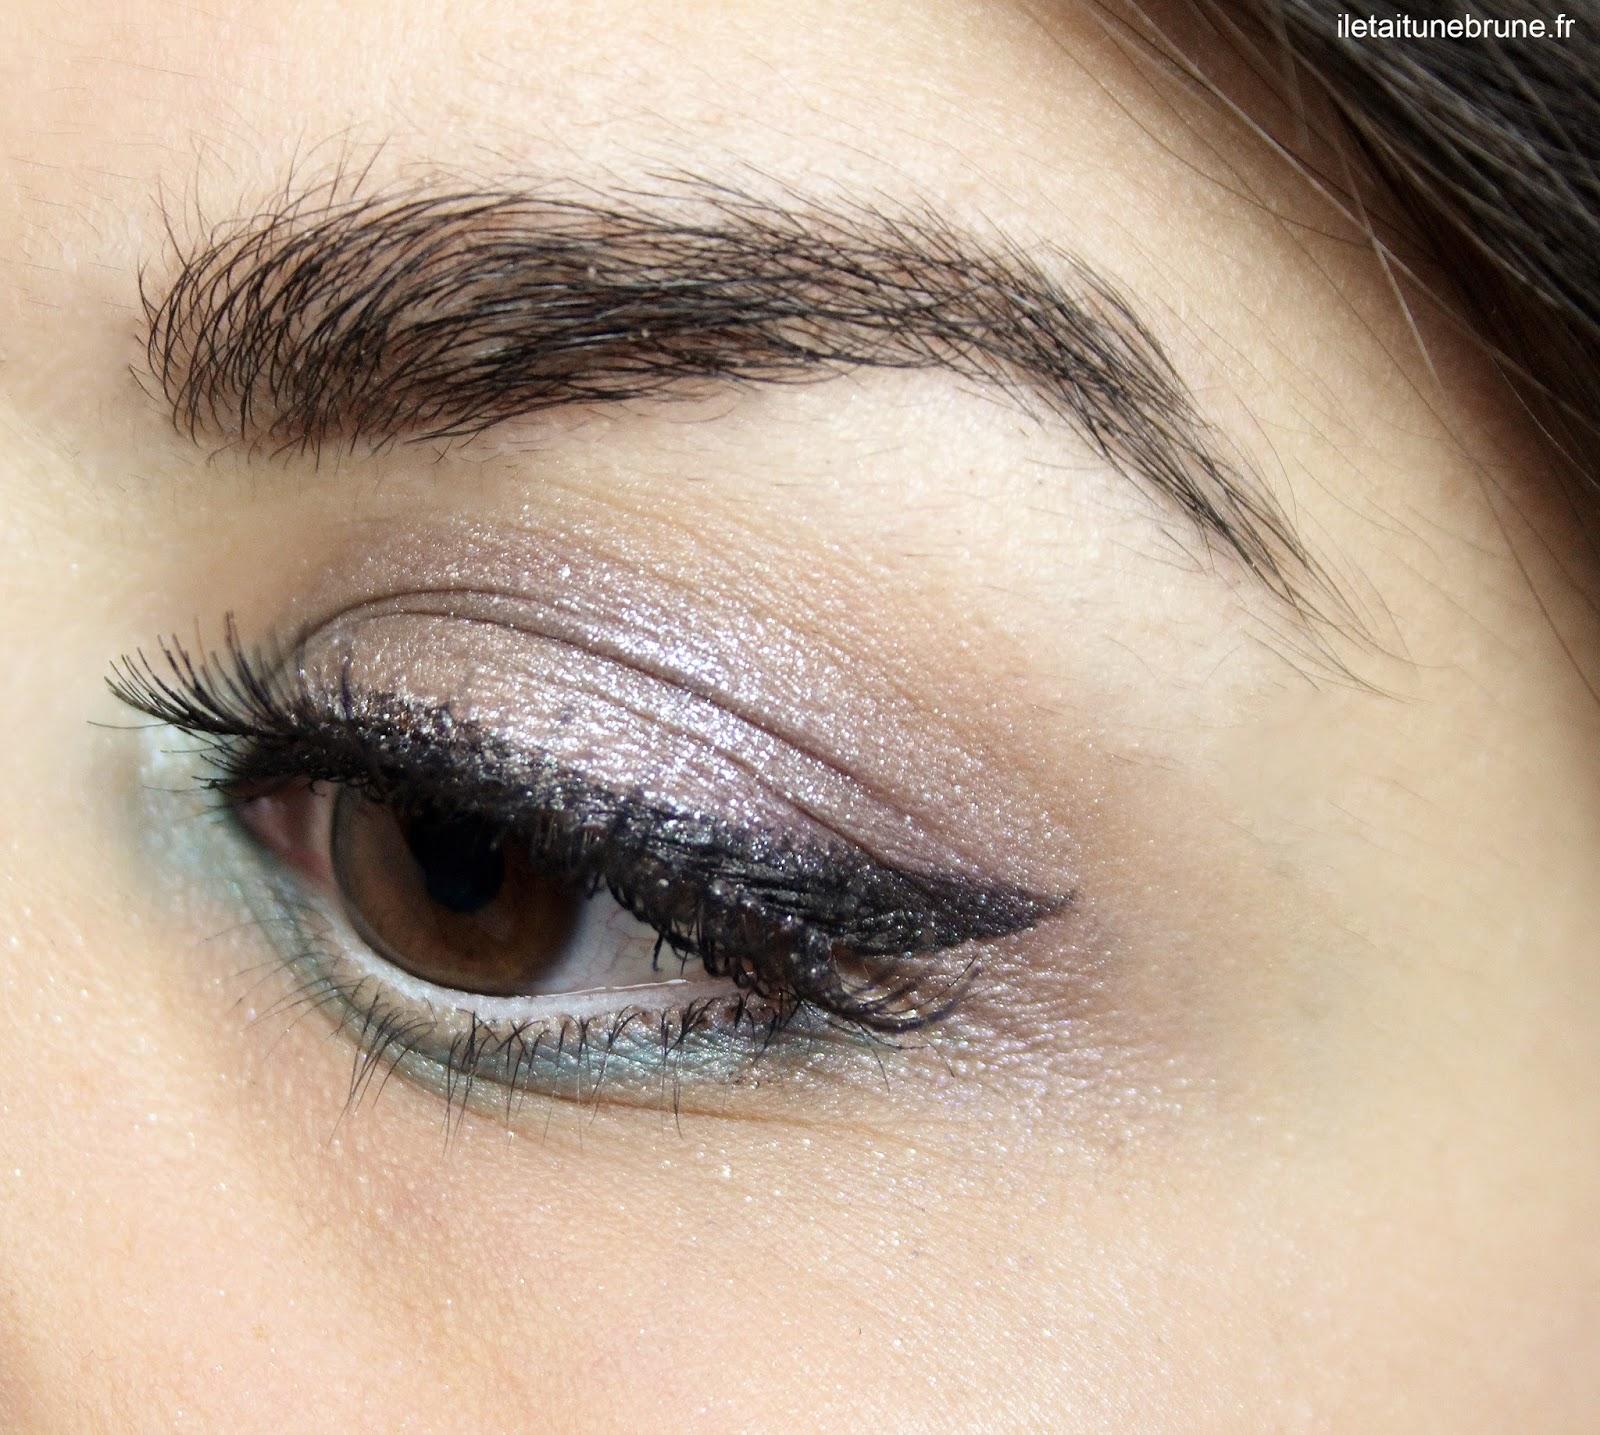 maquillage bleu azur, argenté, violet, faux-cils, eyeliner